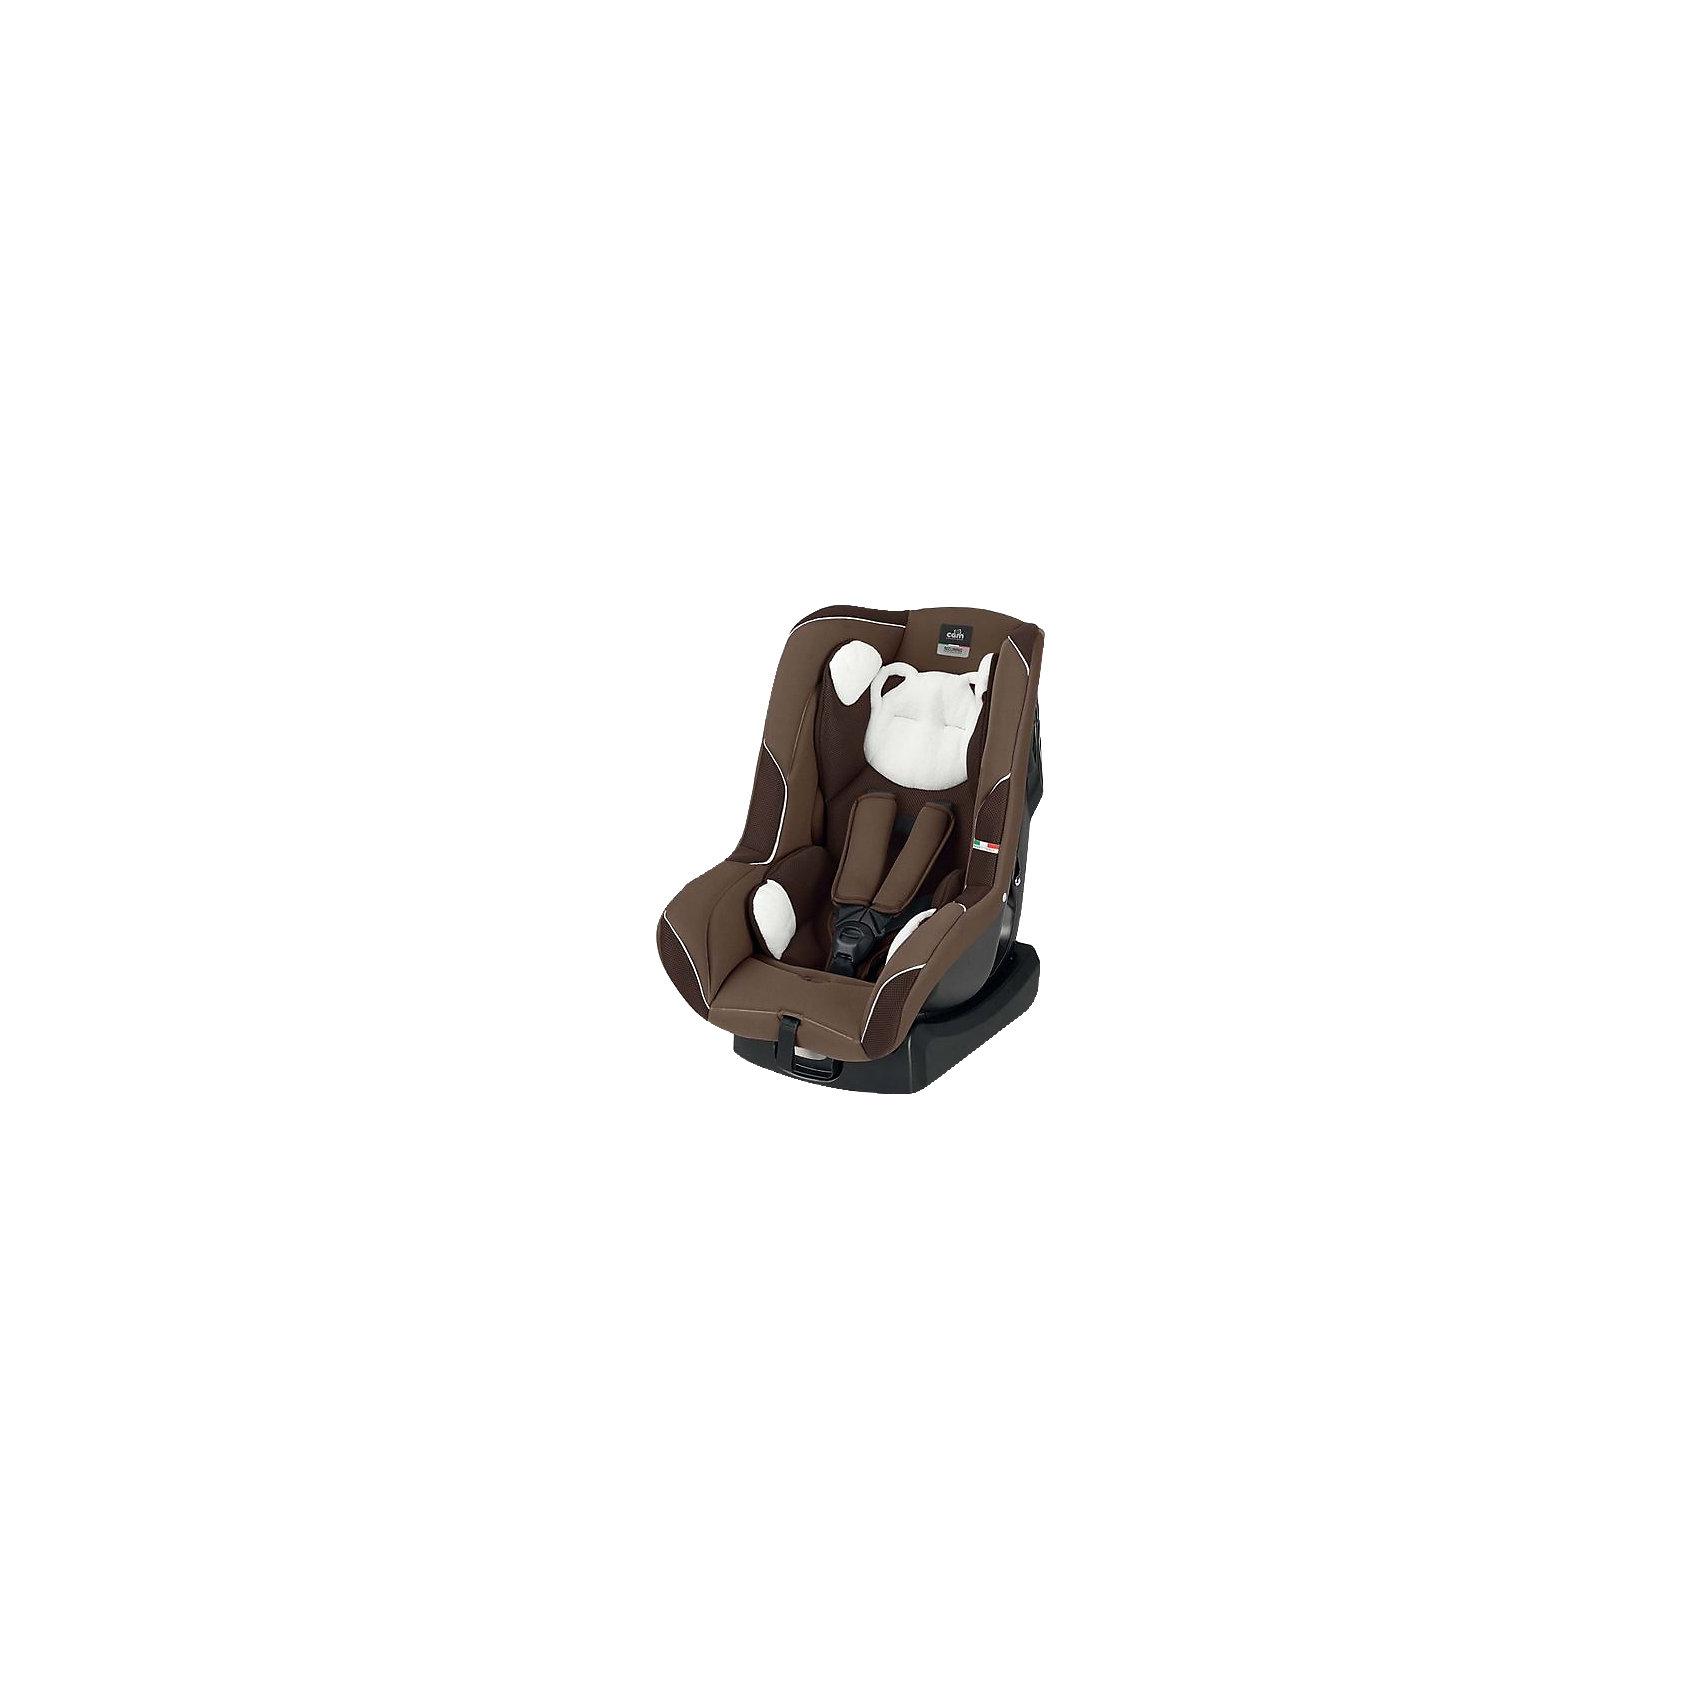 Автокресло CAM с подголовником Auto Gara, 0-18 кг, коричневый